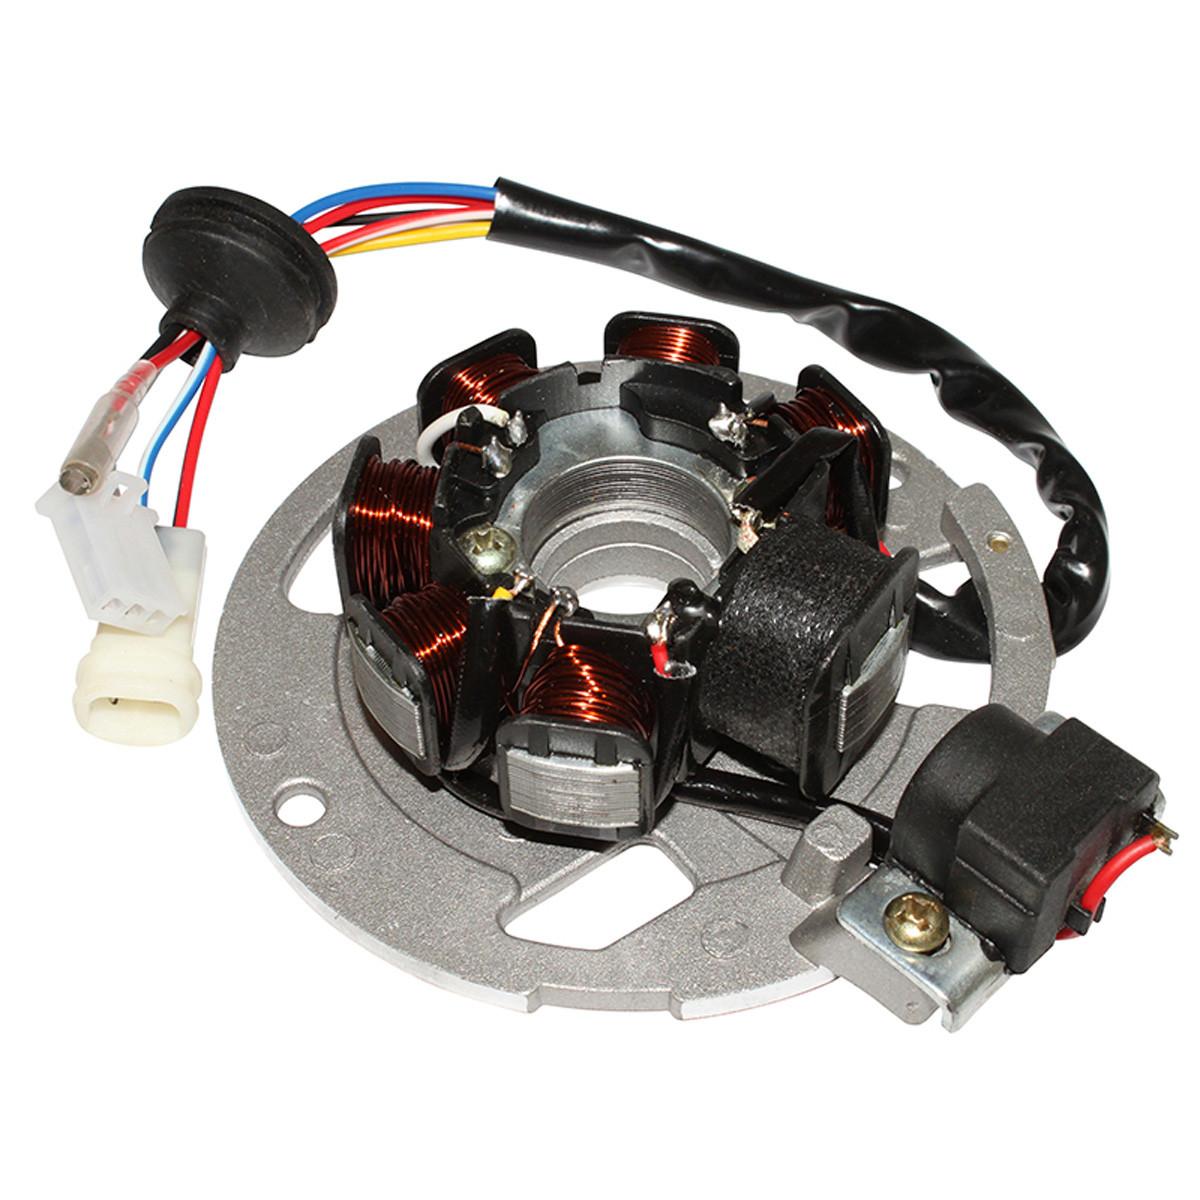 Stator Allumage CPI Keeway - 7 Pôles 2 connecteurs + 1 fil